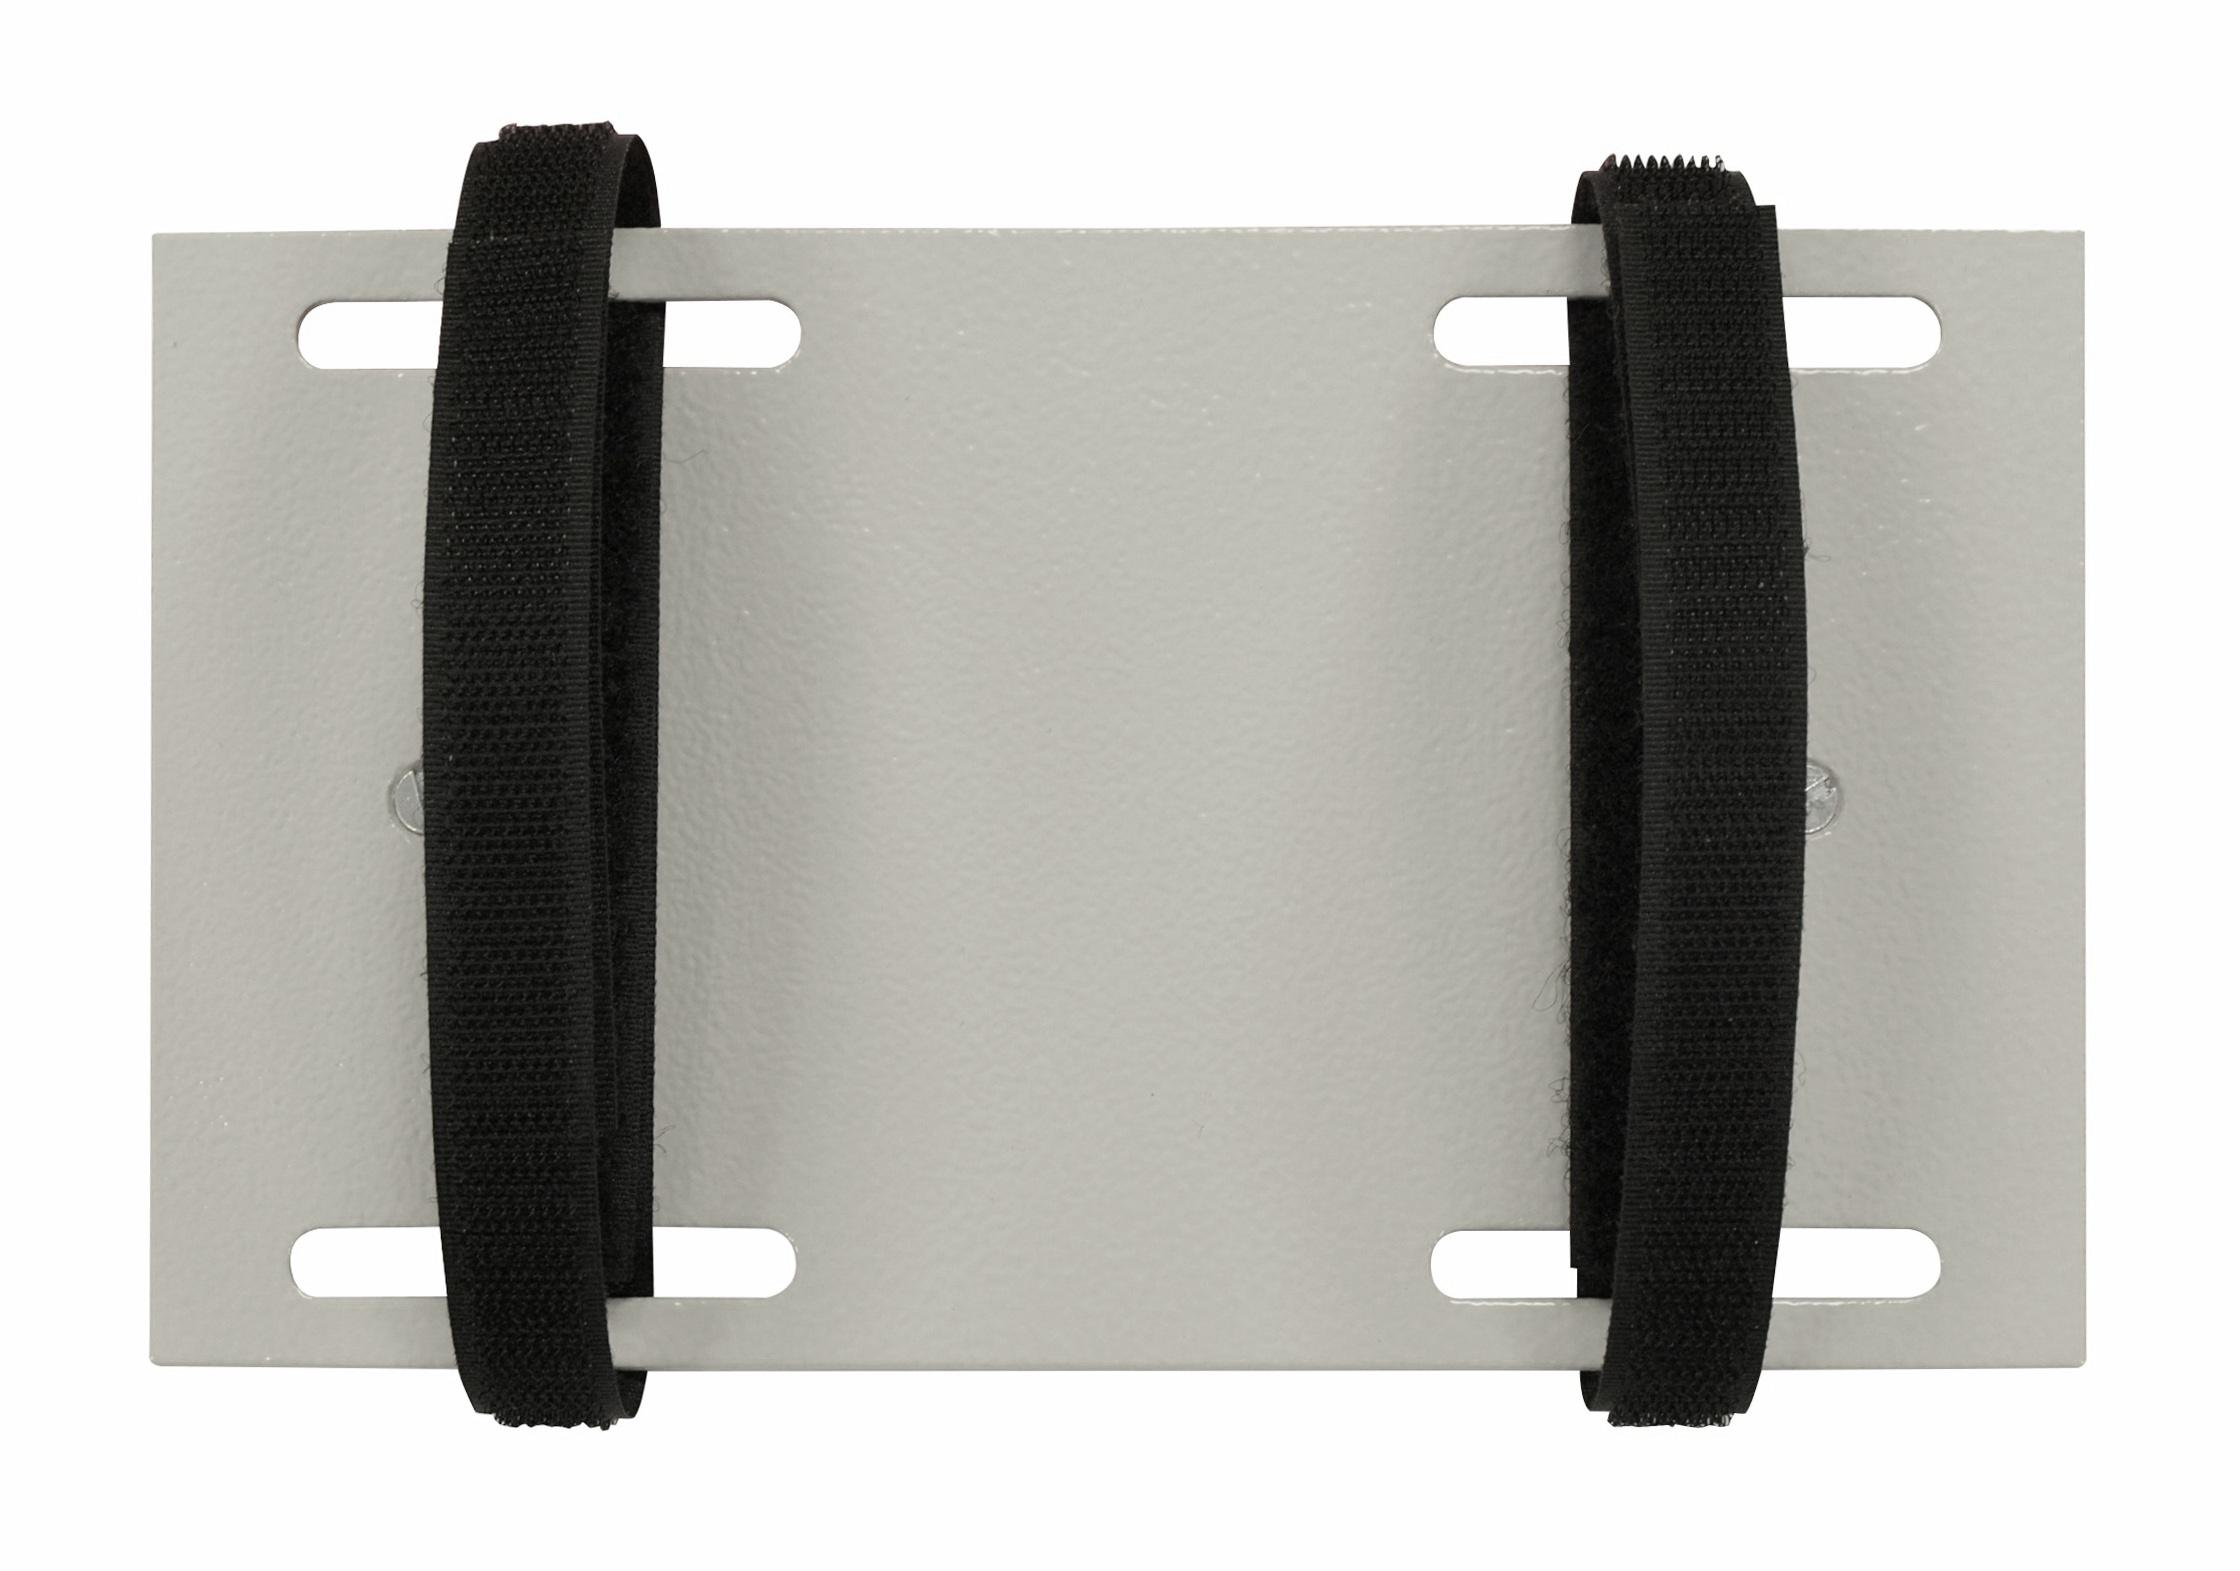 1 Stk Montageplatte Universal für Hutschiene, 210x120mm HS4HUMON01